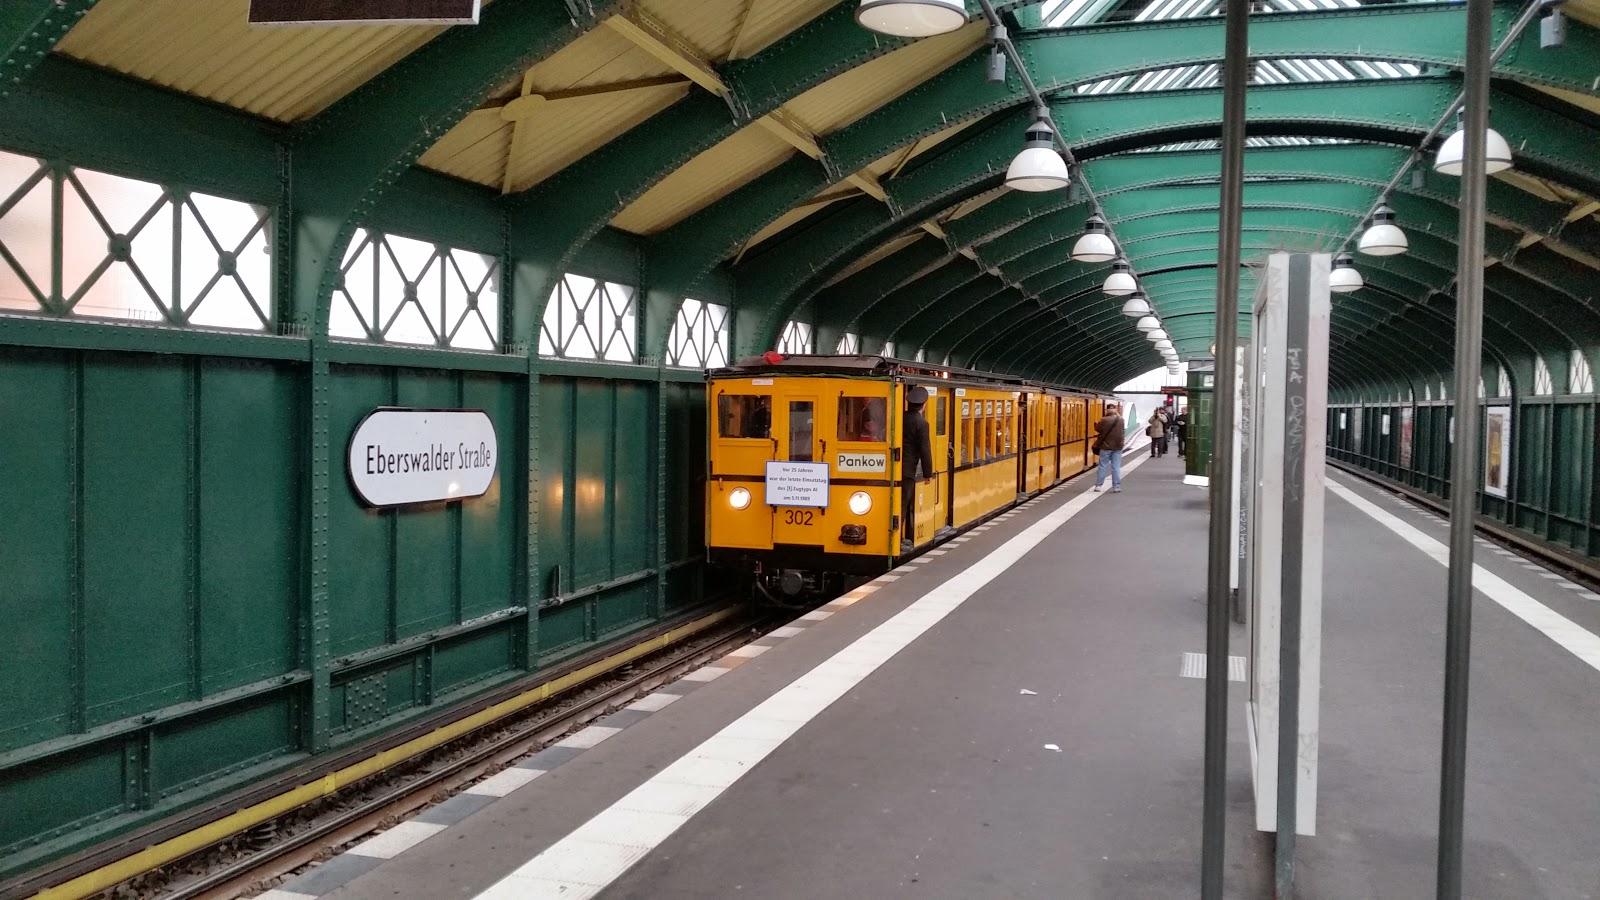 Museum U Bahn Oldtimer Im Untergrund Bloß Keine